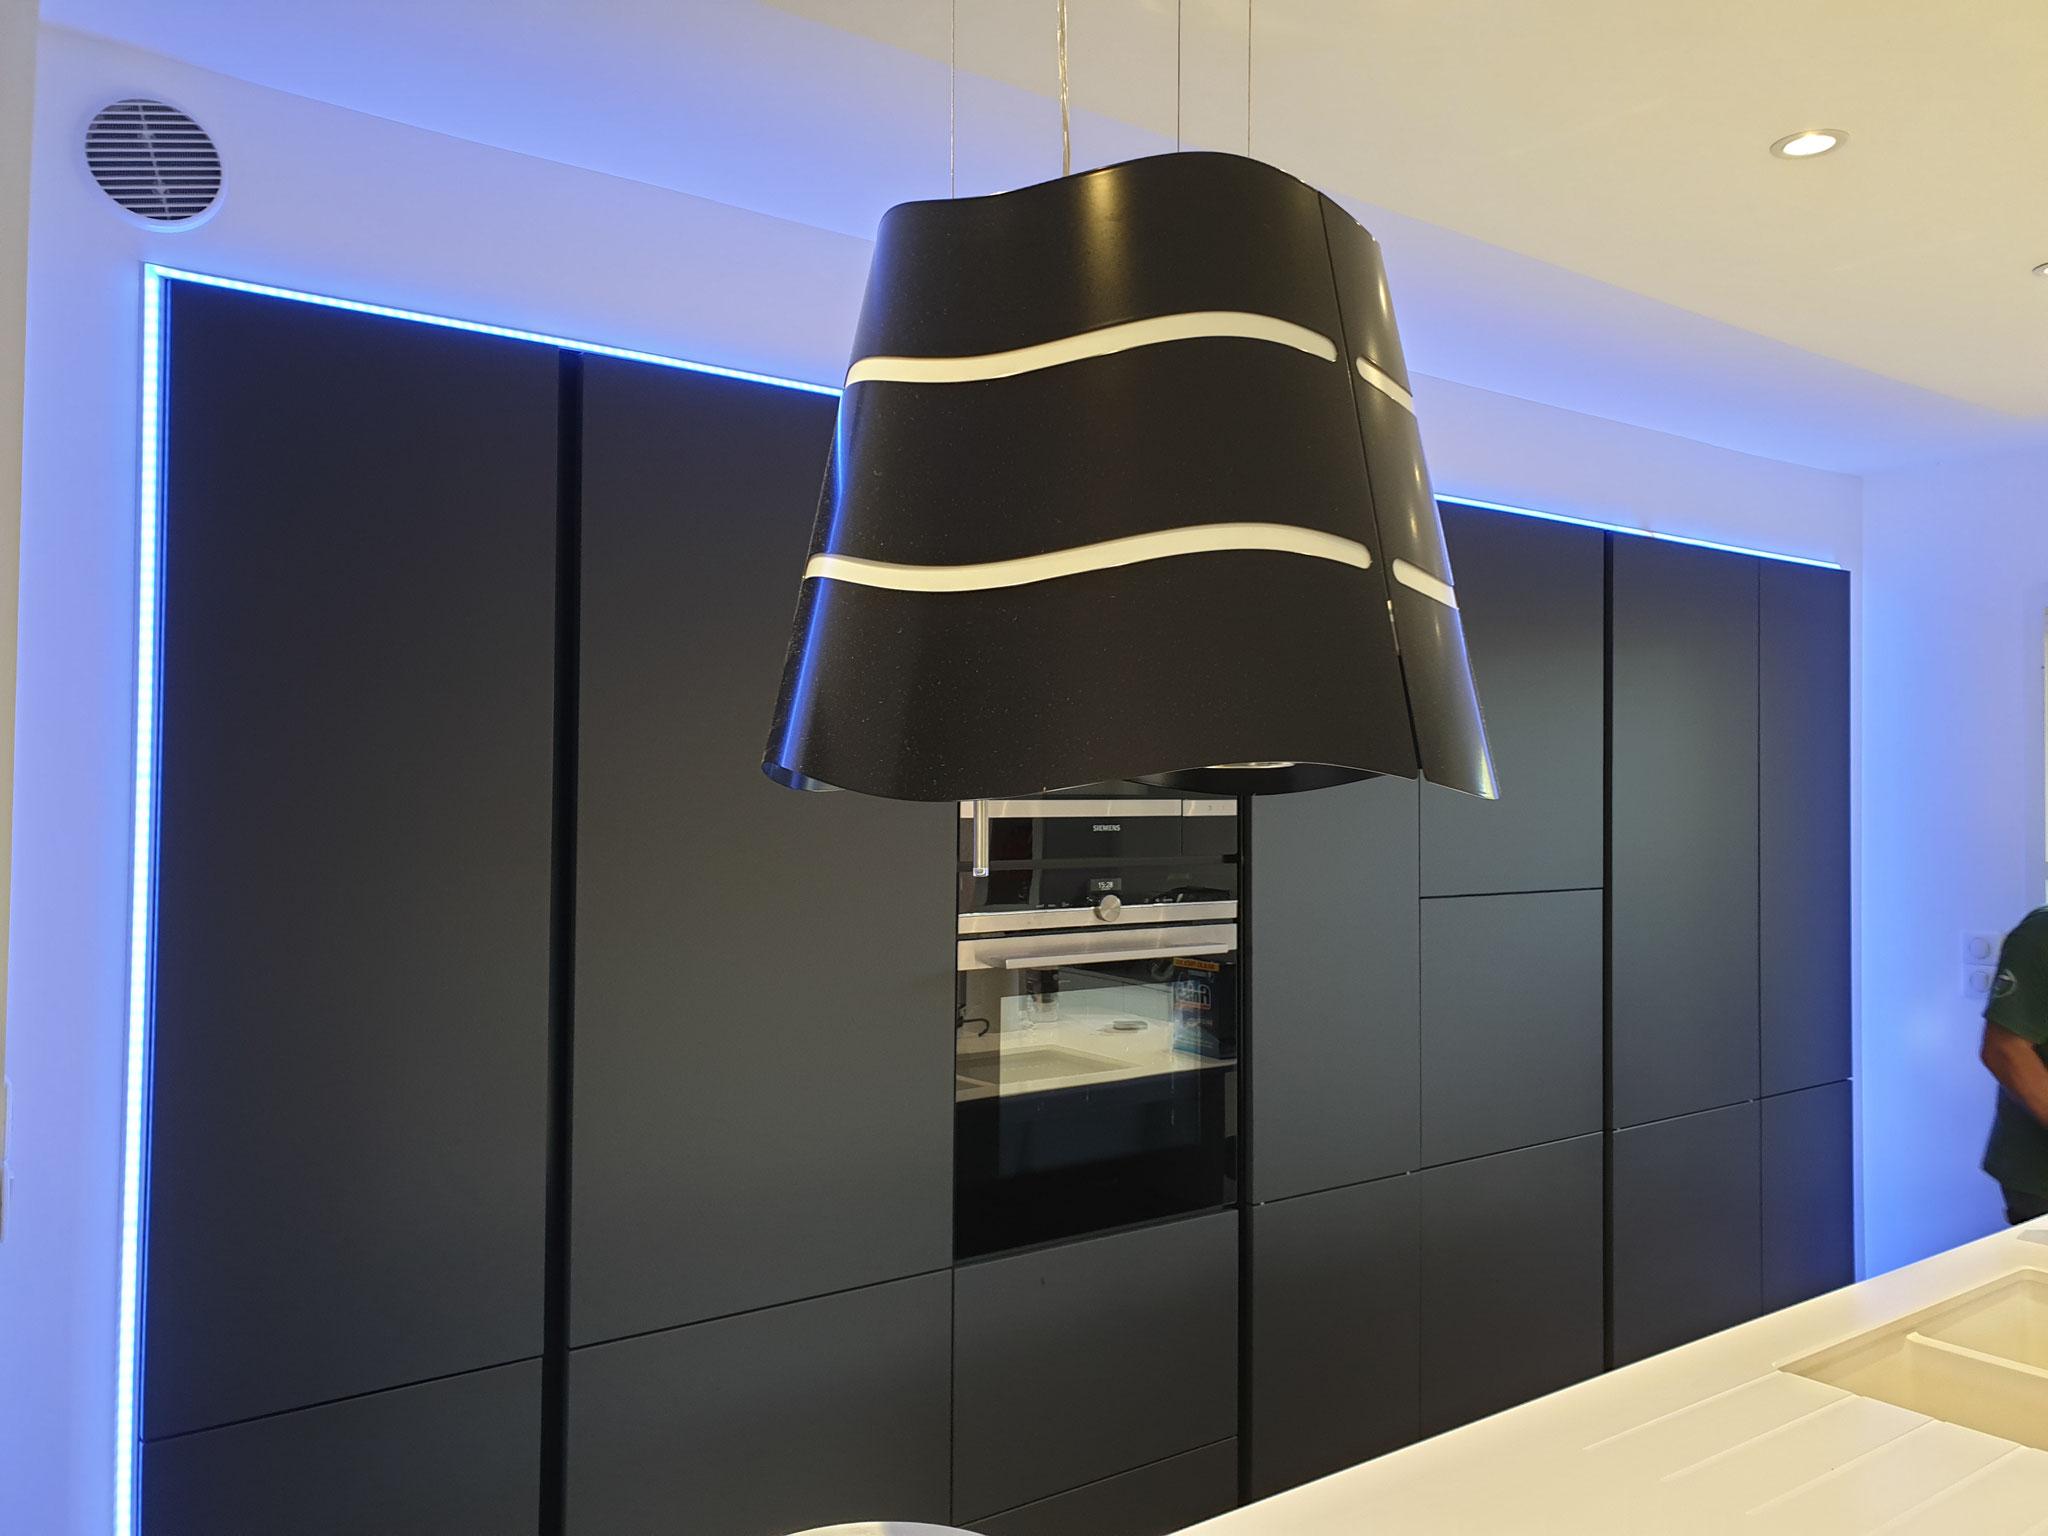 Cuisine design noir mate avec éclairage led réalisée par Cuisine Intérieur Design Toulouse